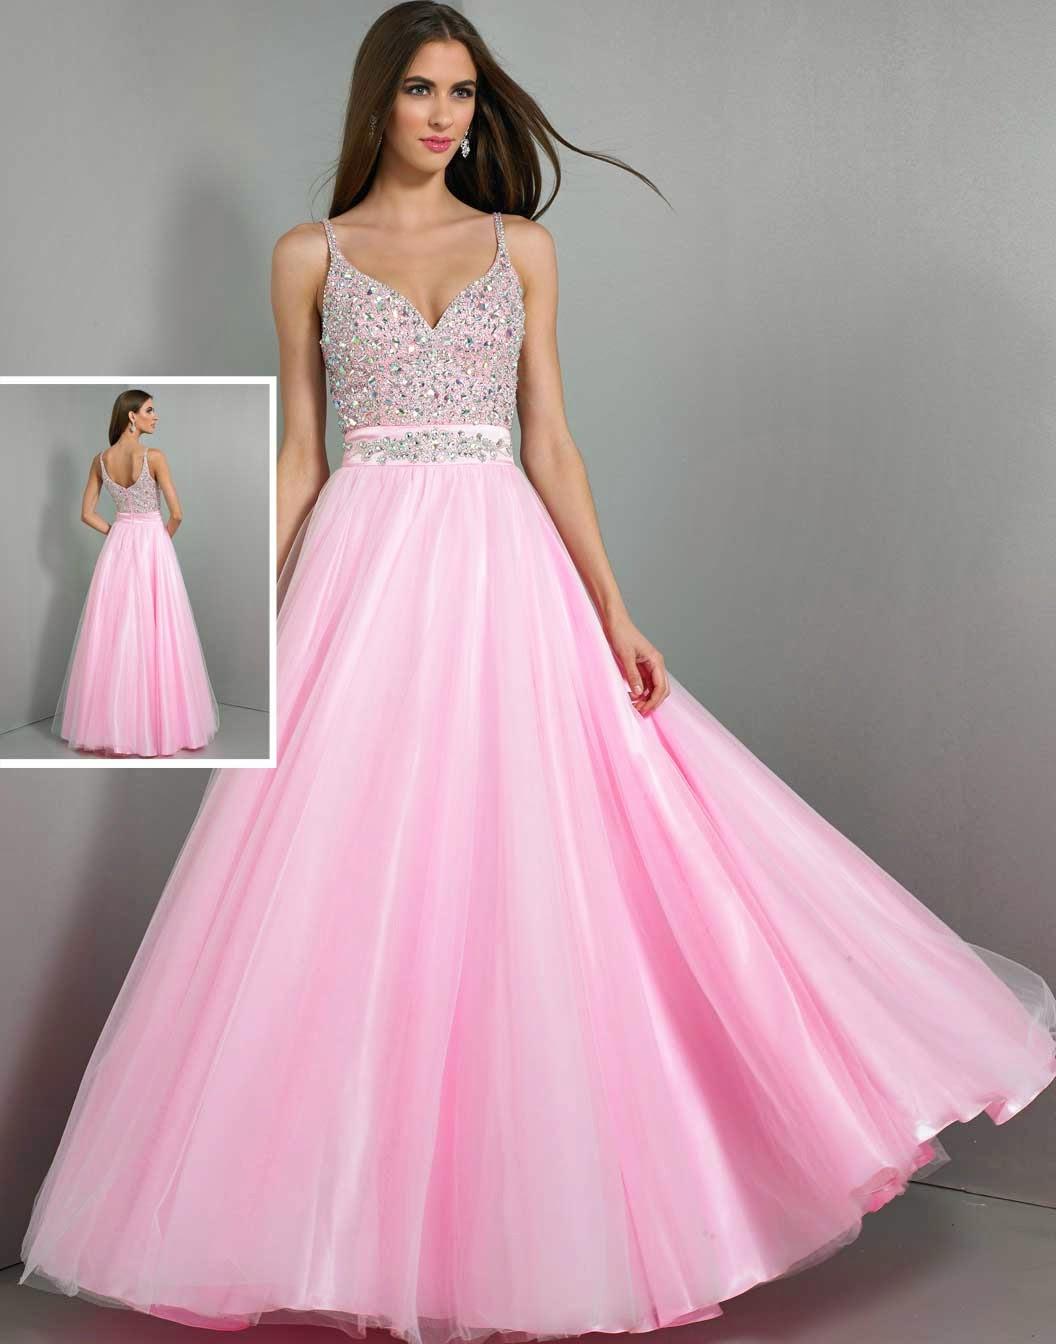 Jcpenney Dresses For Women | Women Dresses